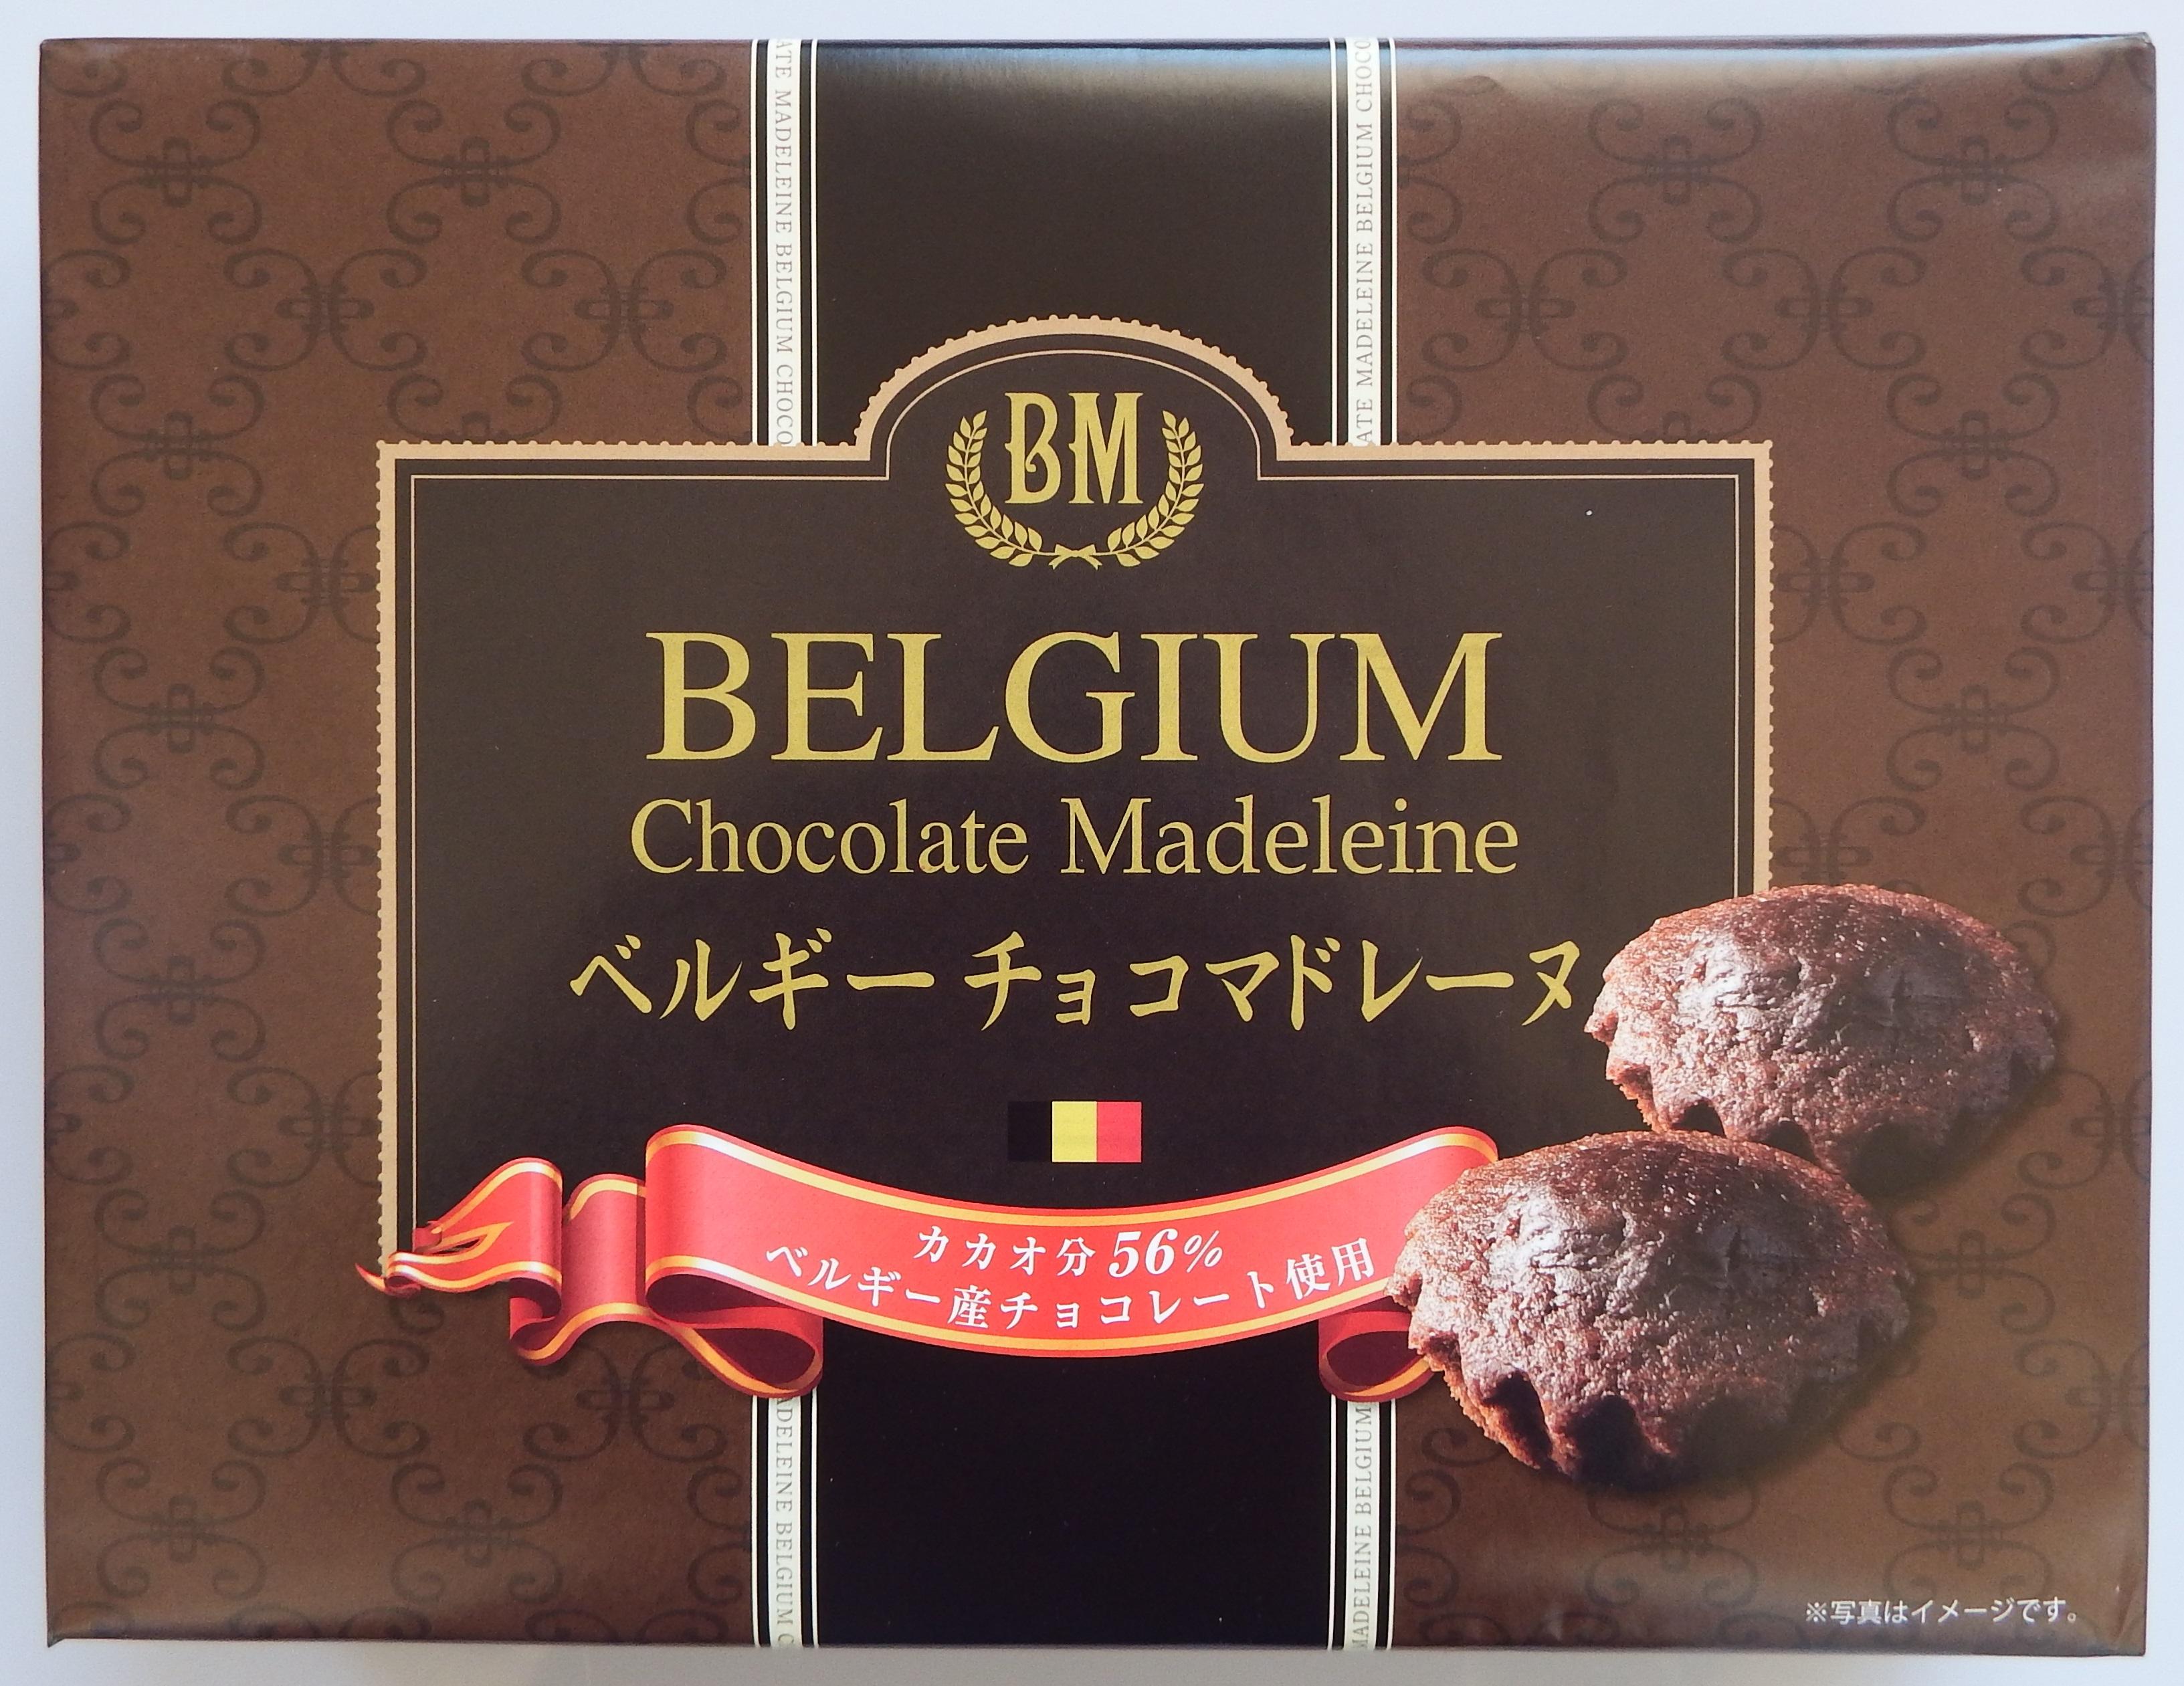 ベルギーチョコマドレーヌ